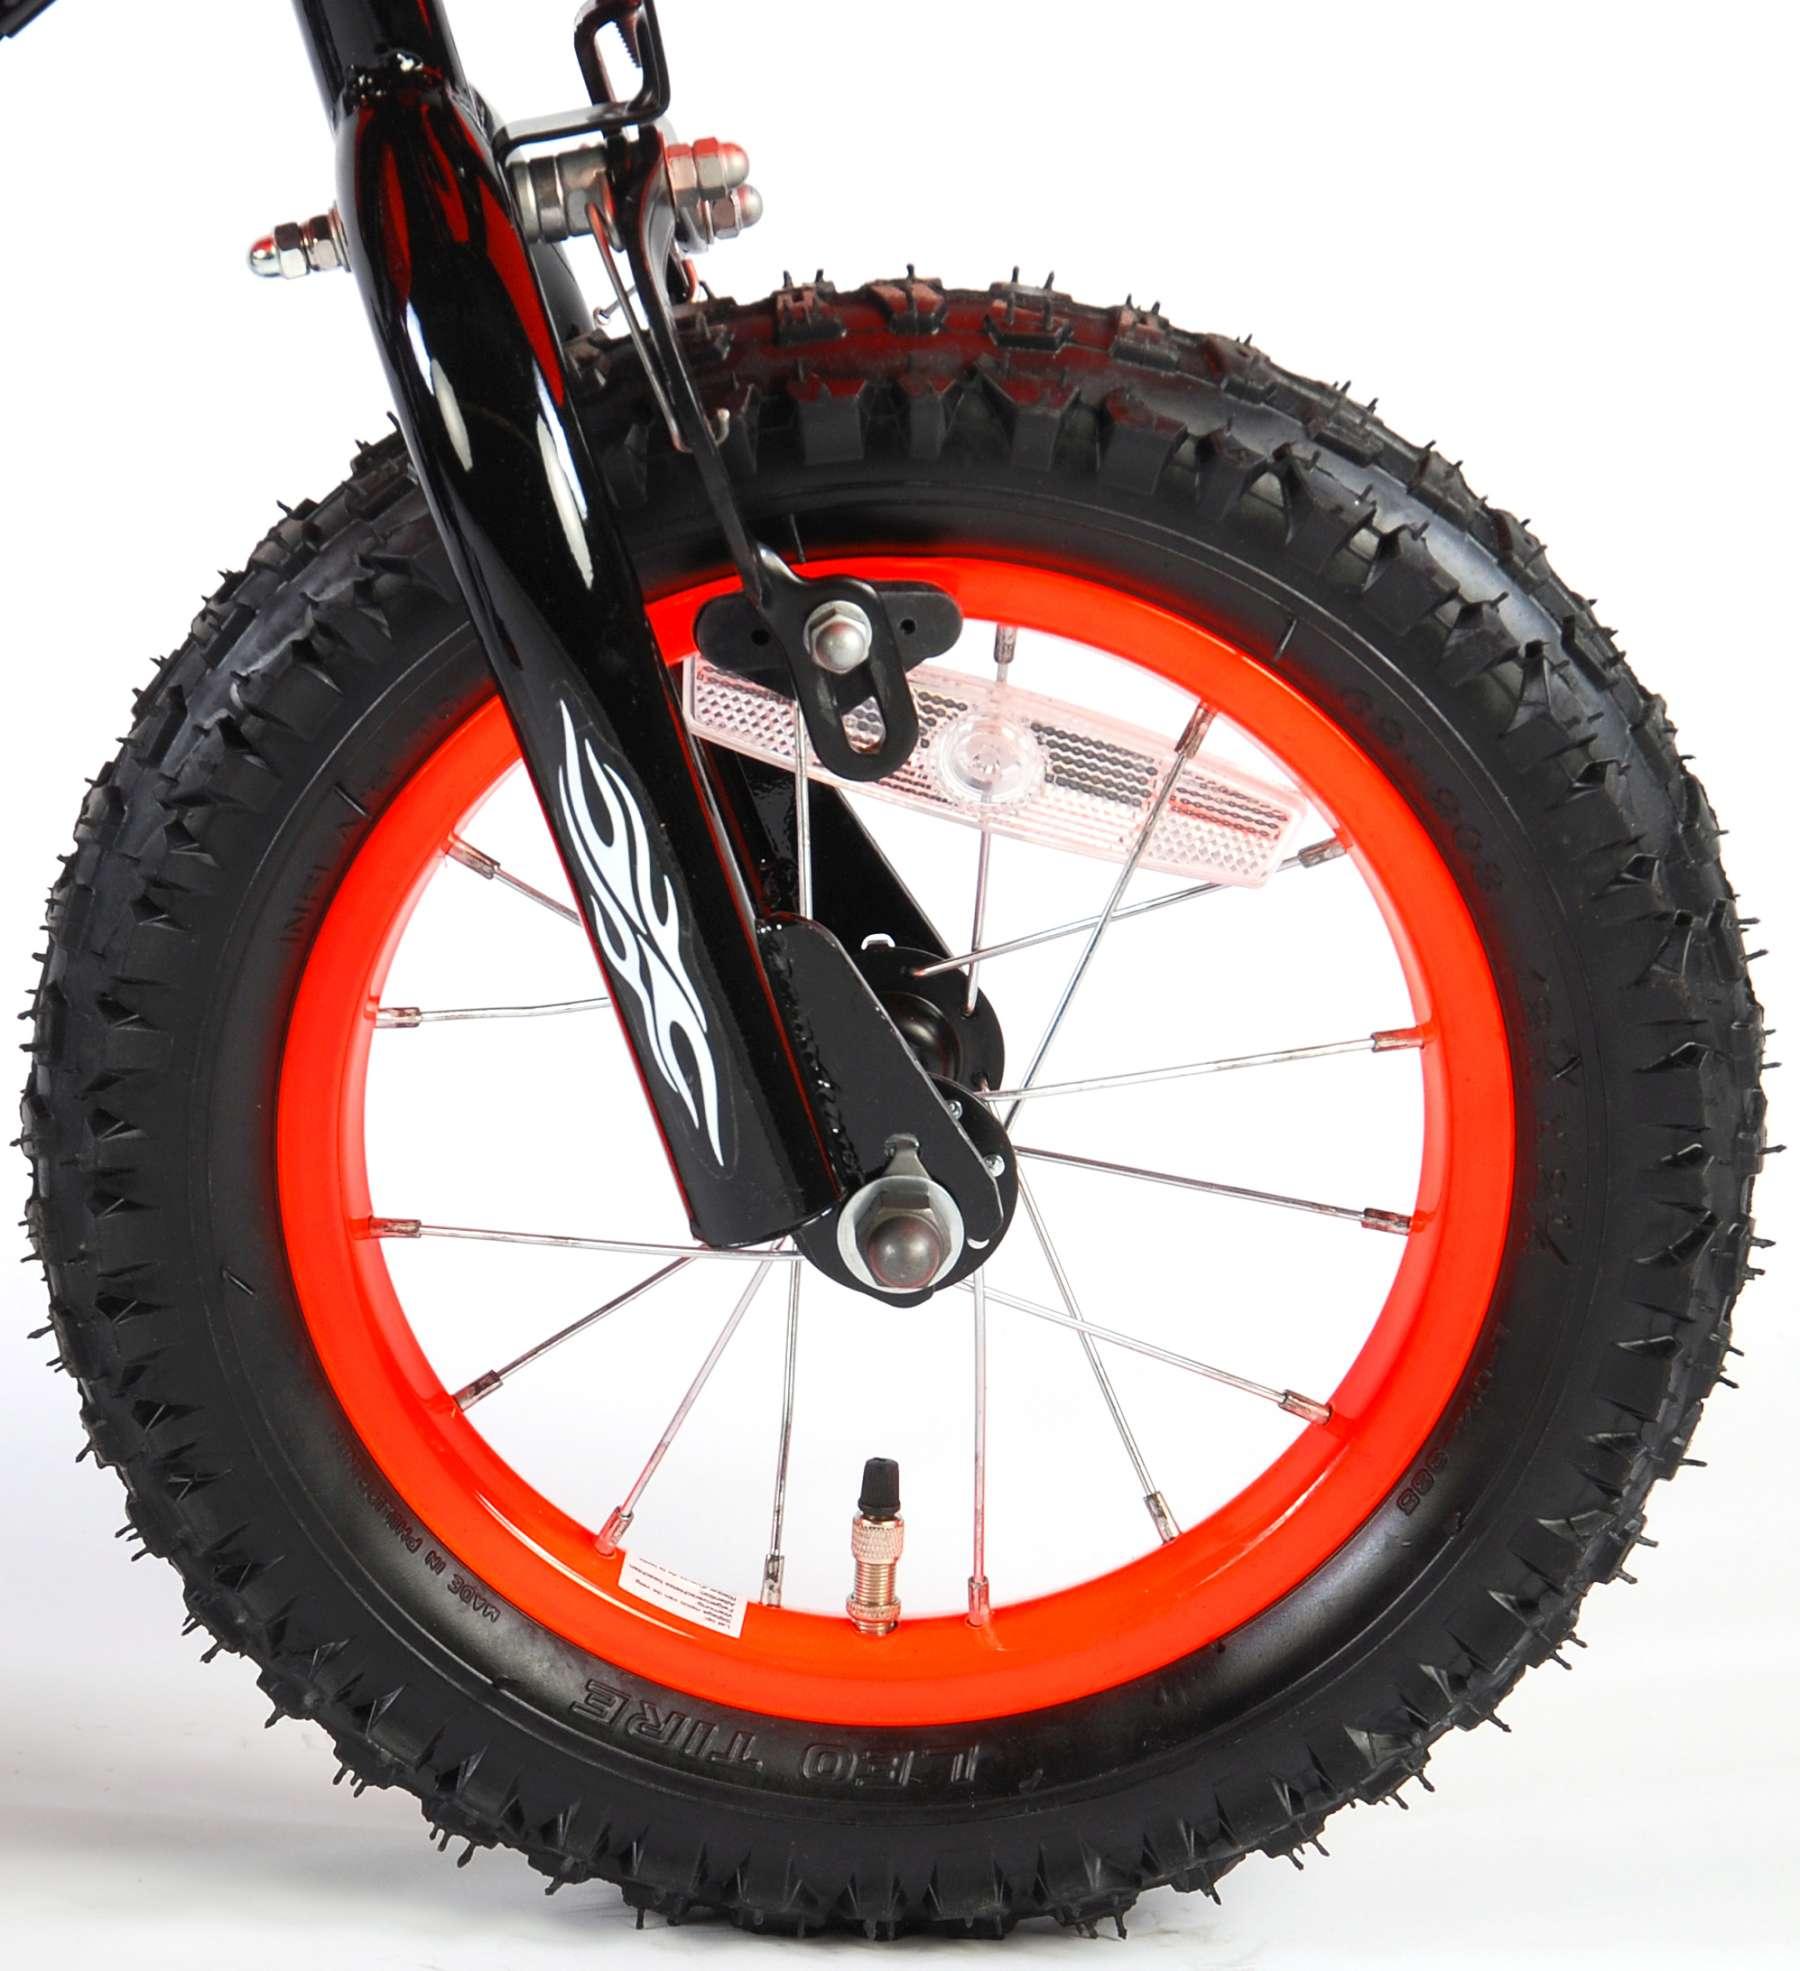 Bicicleta Motorbike de 12 pulgadas Naranja - rueda delantera